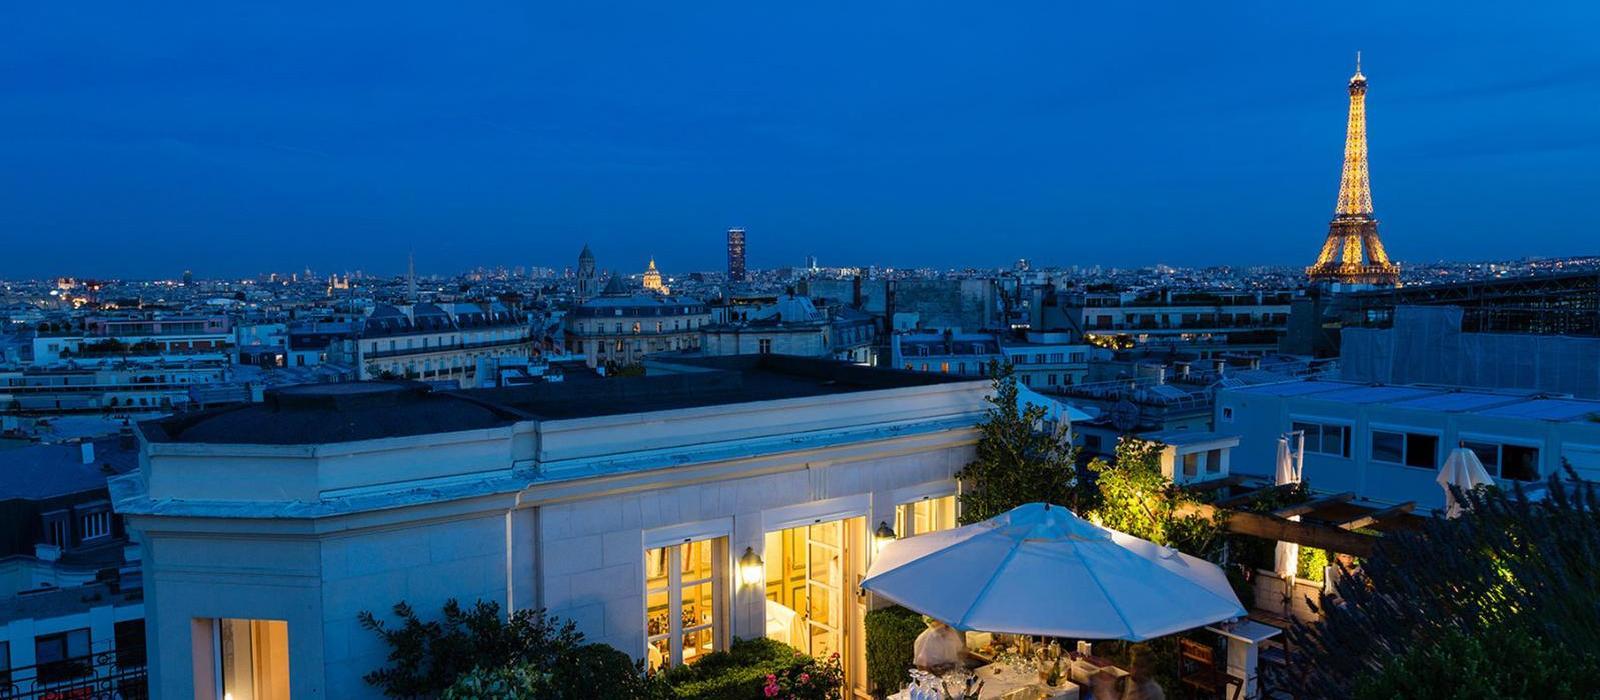 巴黎拉斐尔酒店(Hotel Raphael) 露台美景图片  www.lhw.cn